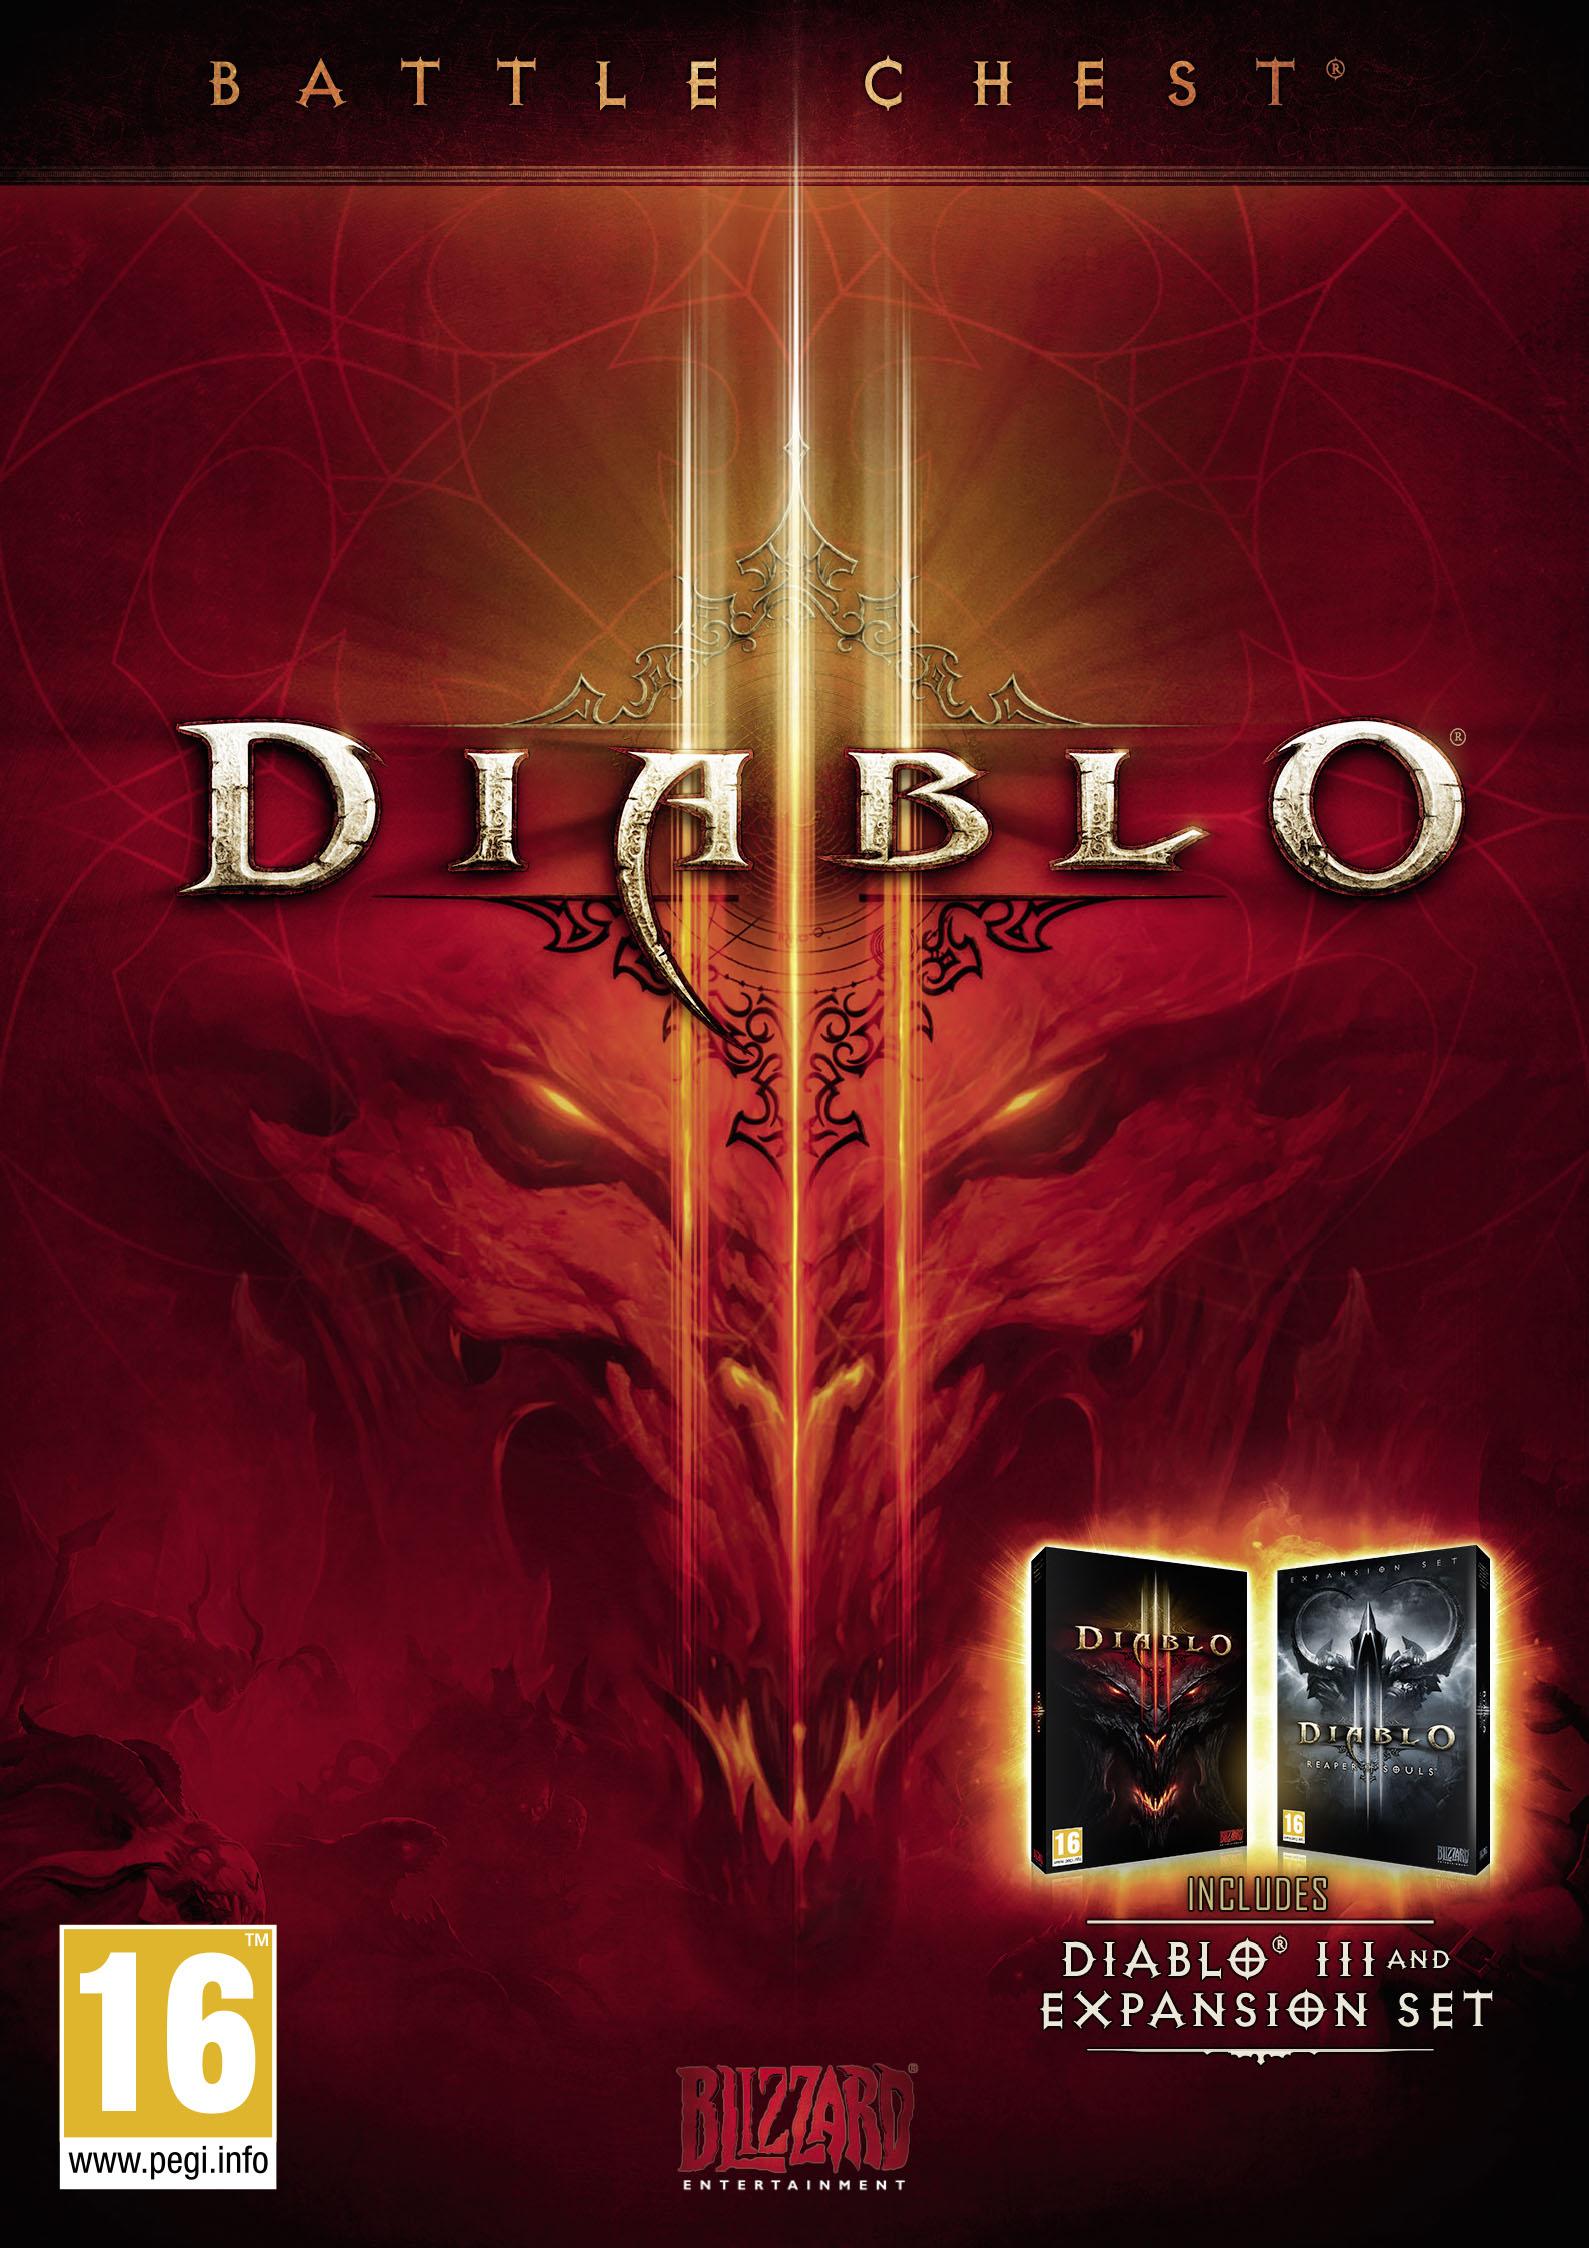 Diablo III Battlechest [PC/Mac Code] - £12.99 at Amazon Prime